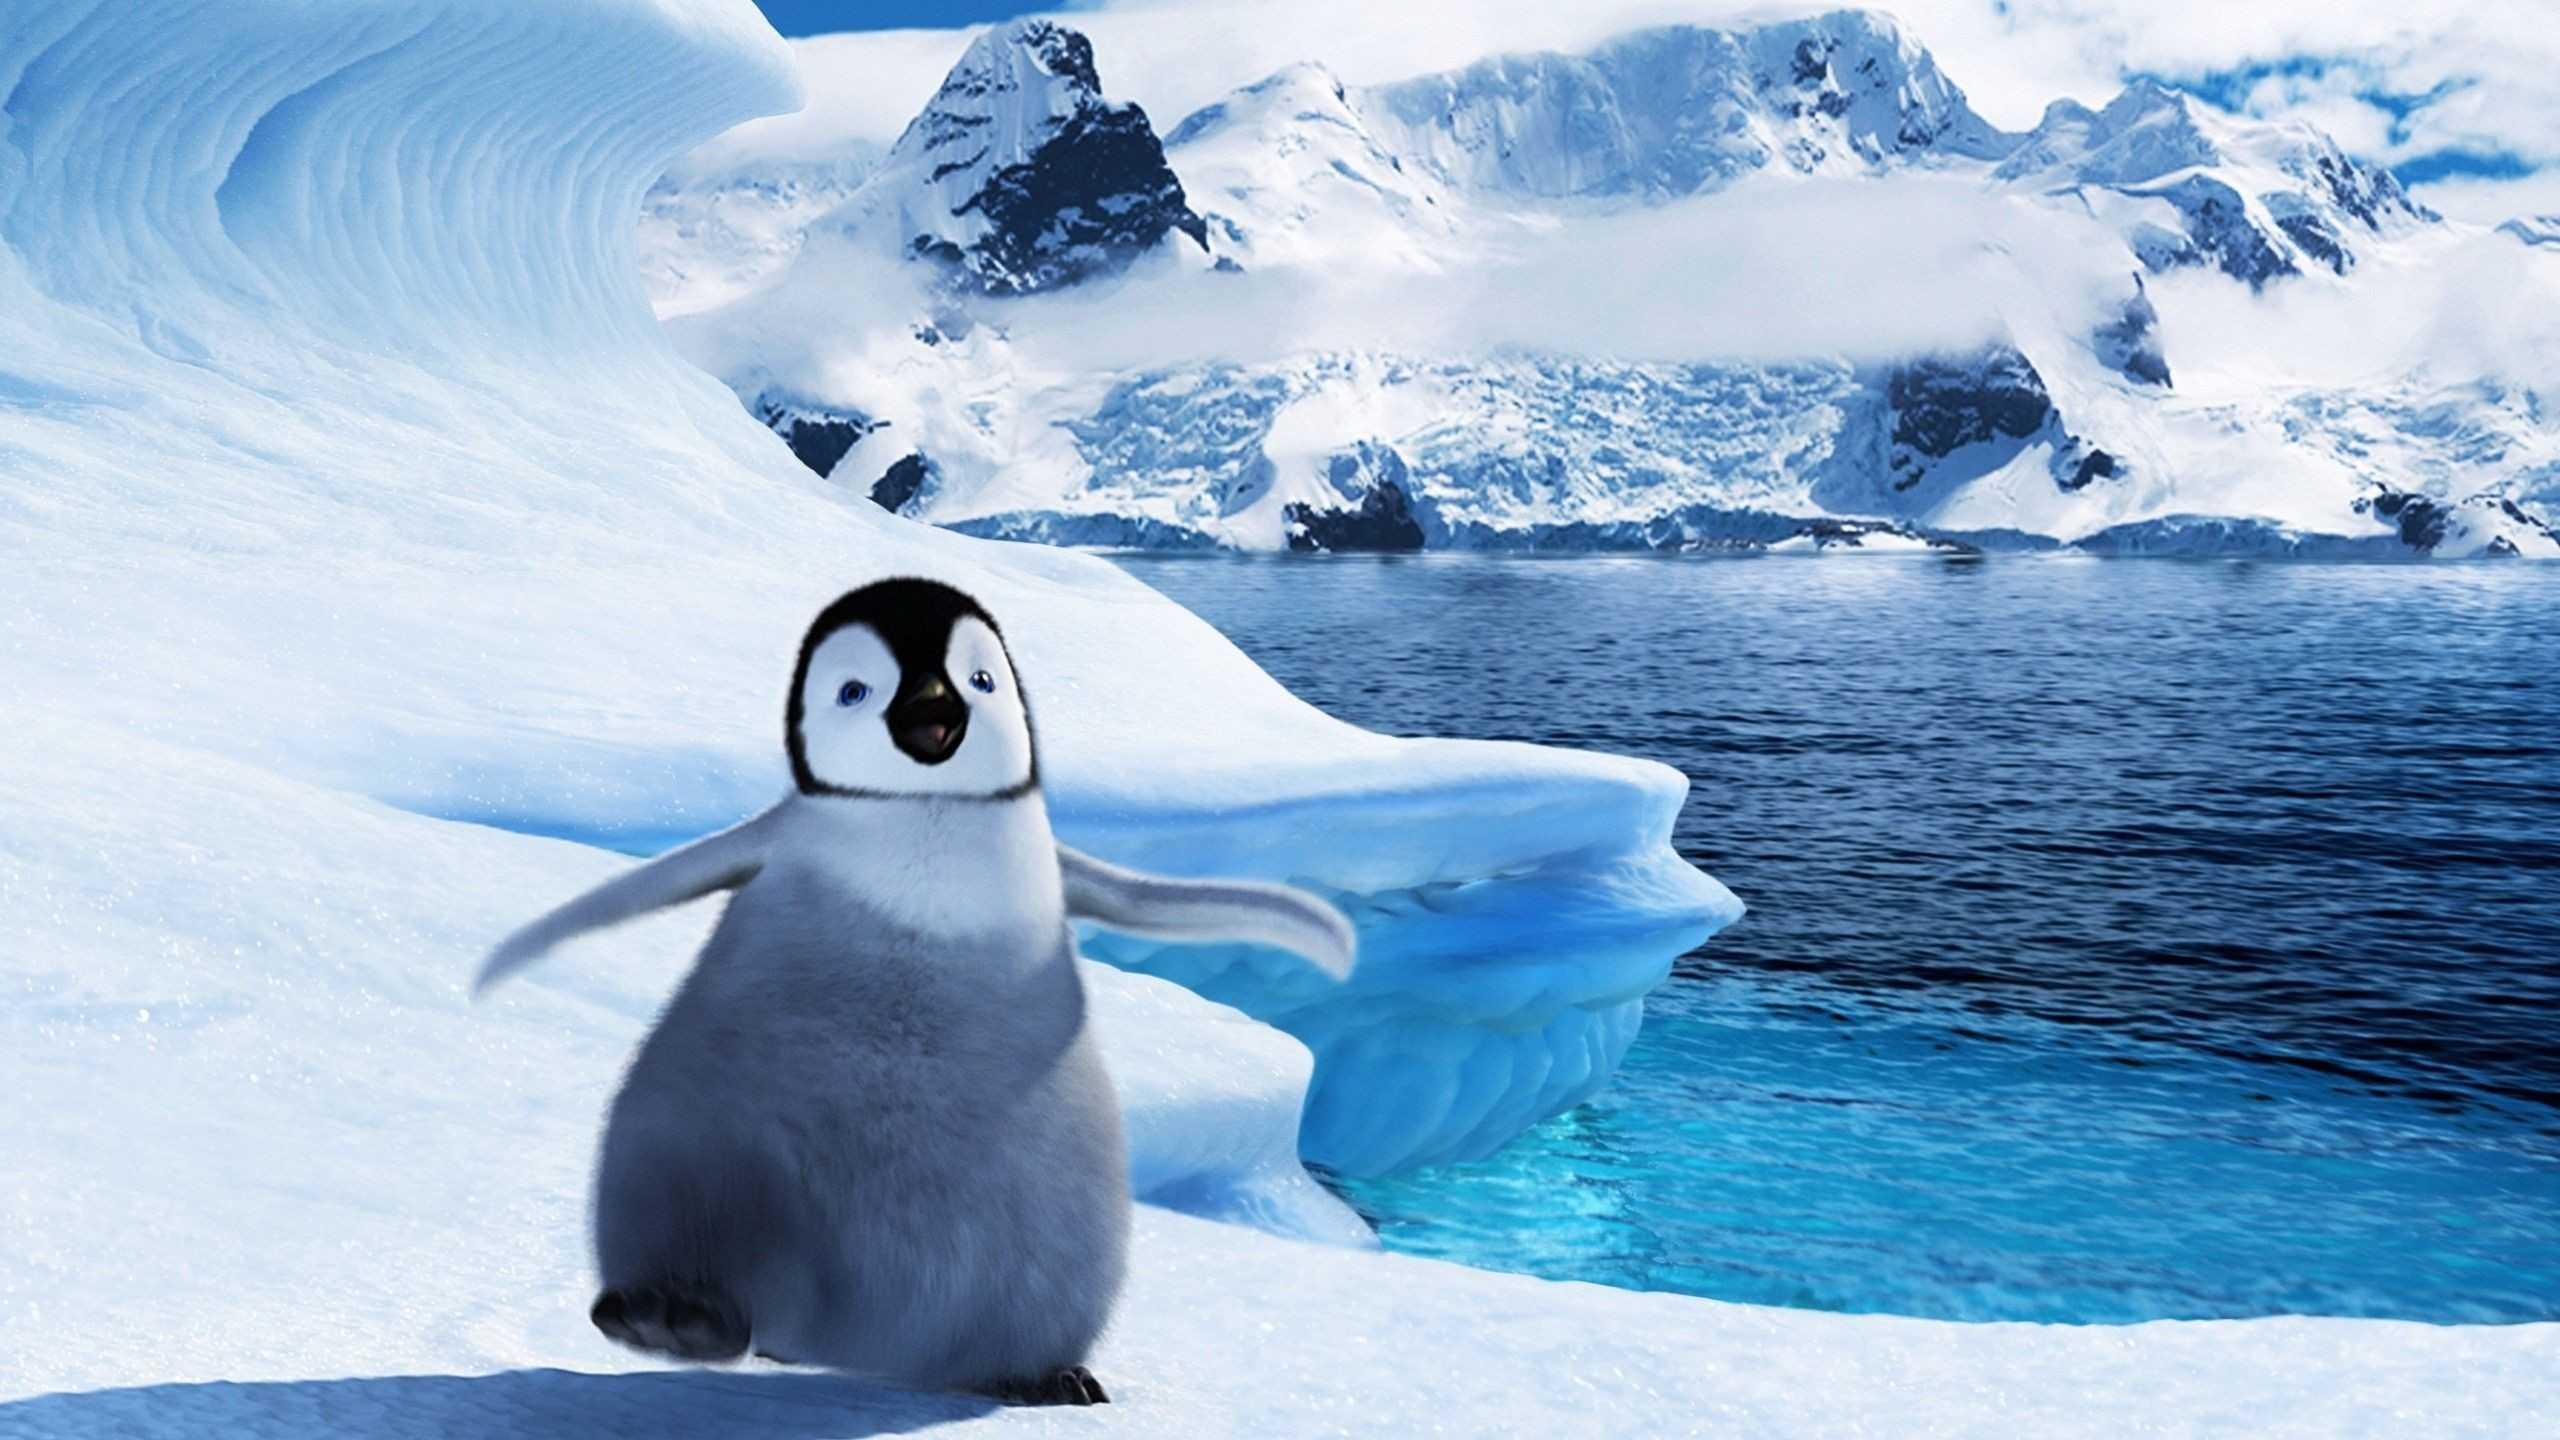 Baby Penguin Wallpapers   Top Baby Penguin Backgrounds 2560x1440